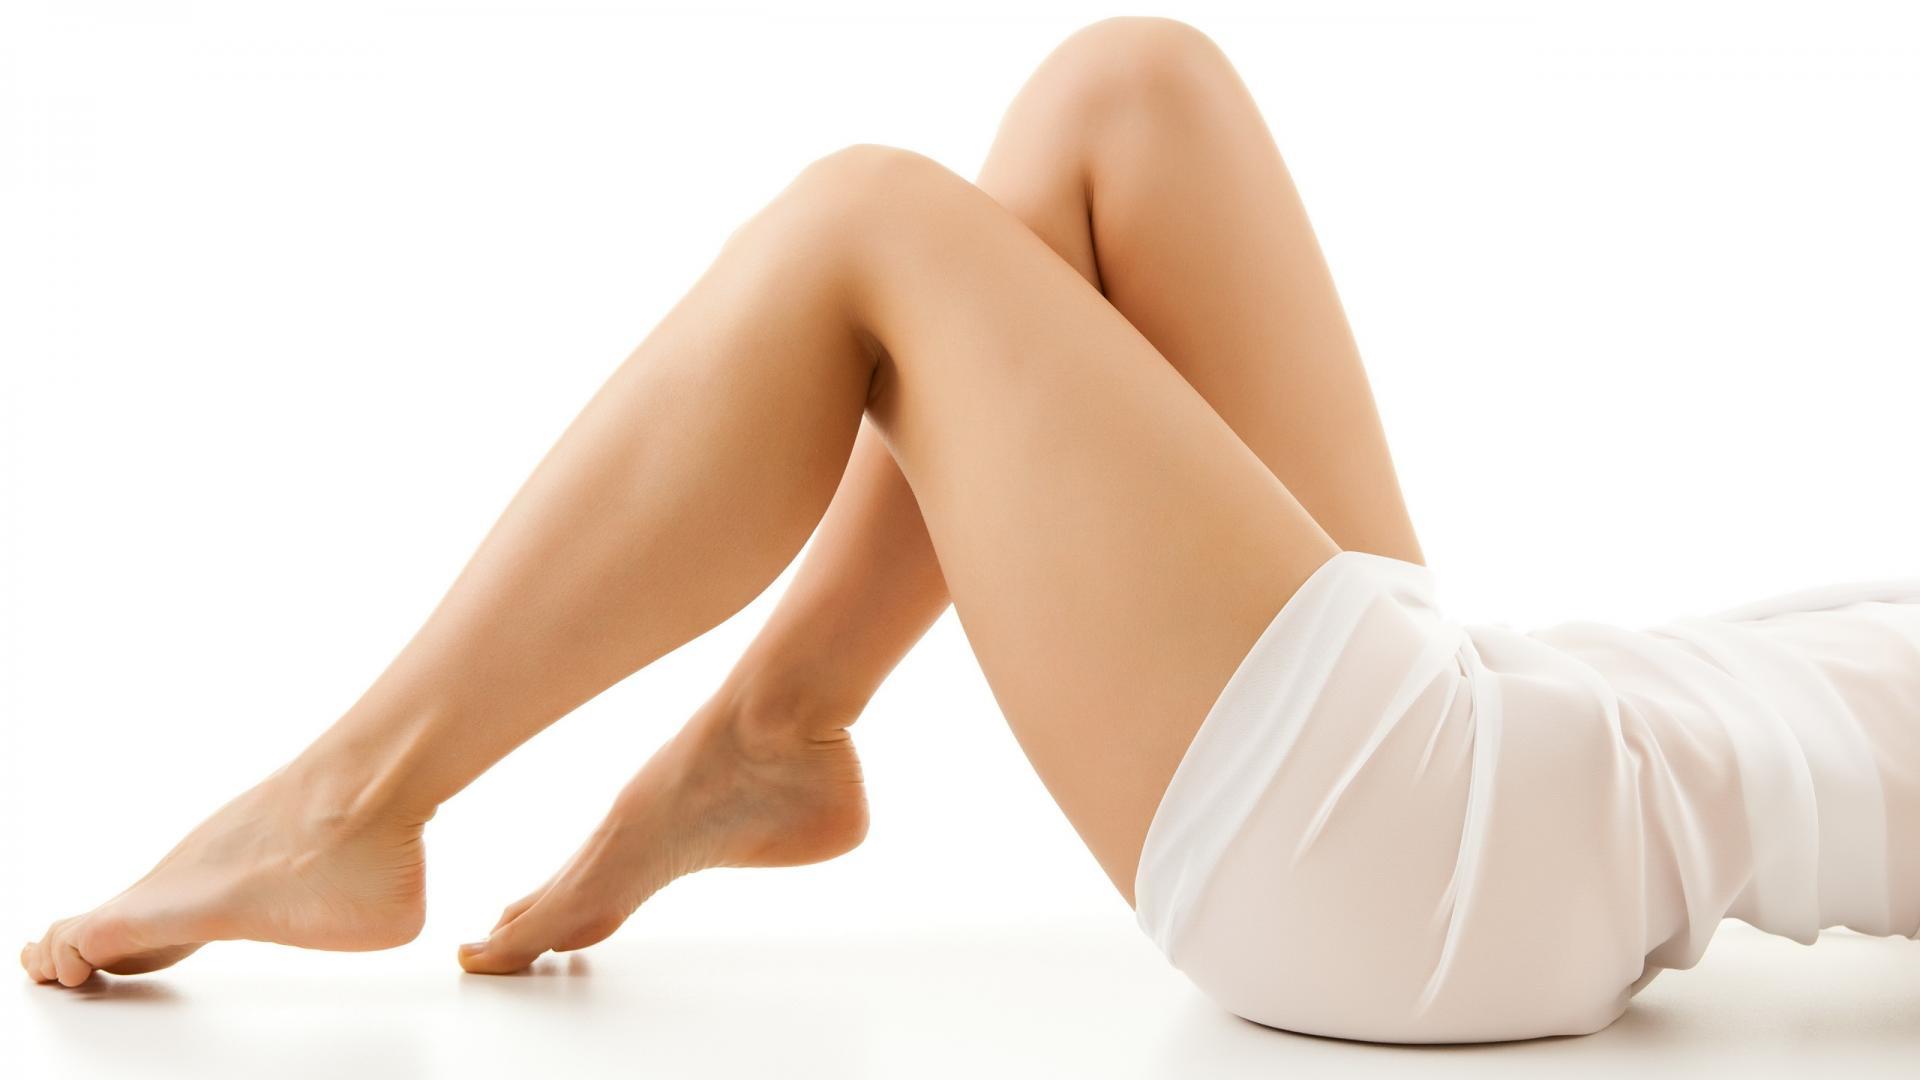 I 5 esercizi più efficaci per snellire le gambe (video)